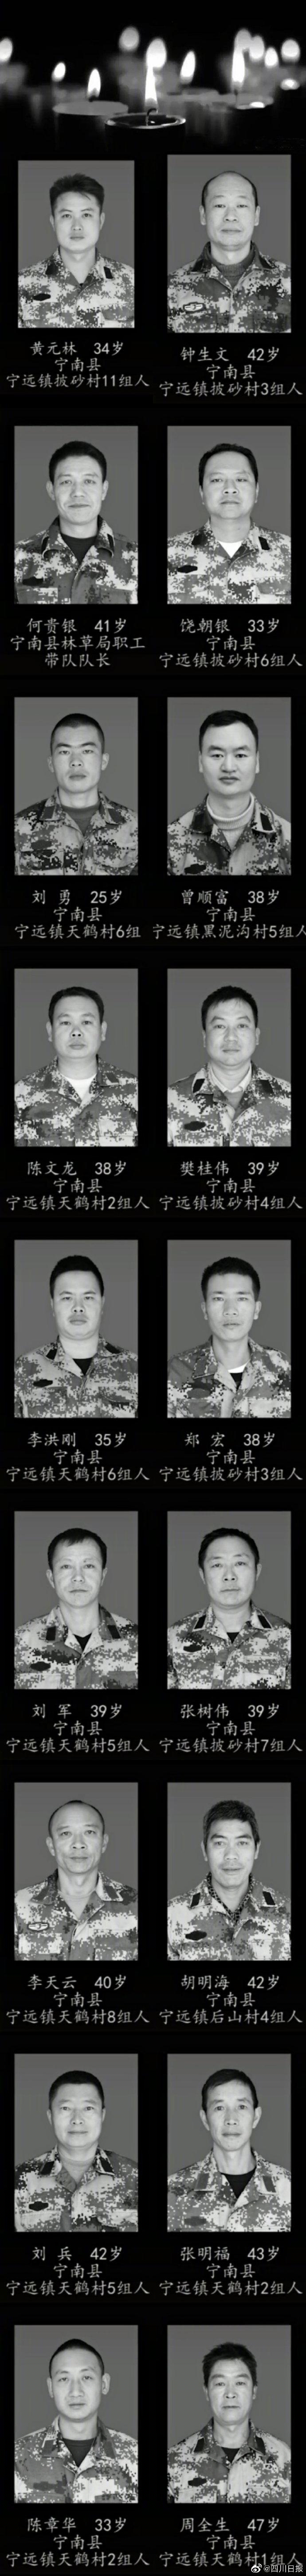 西昌森林火灾18名扑火队员照片公布。 四川日报 图